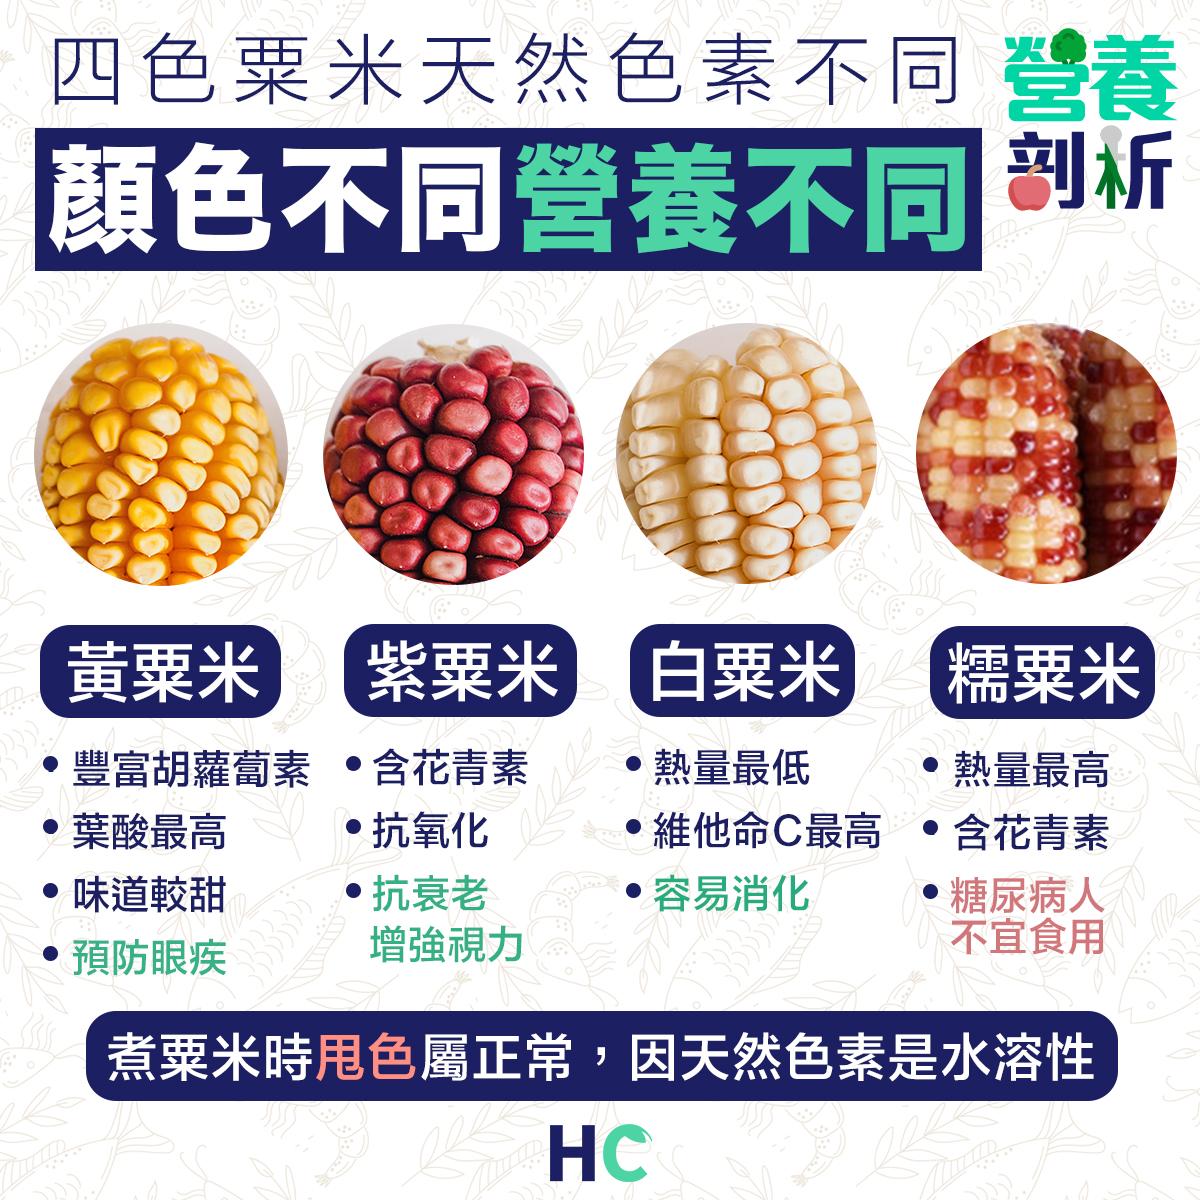 四色粟米天然色素不同 營養大不同